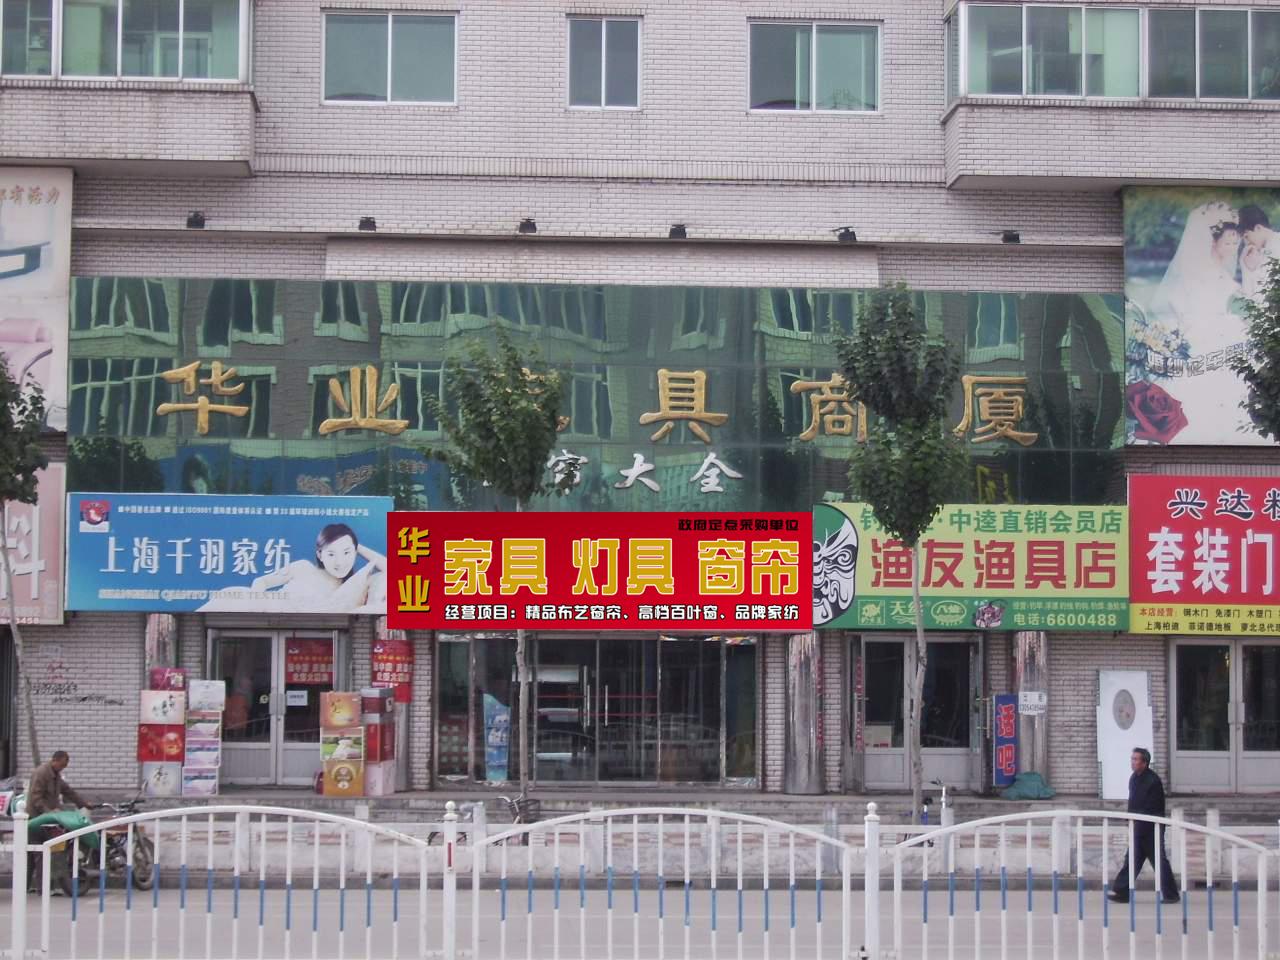 店铺牌匾设计_100元_k68威客任务